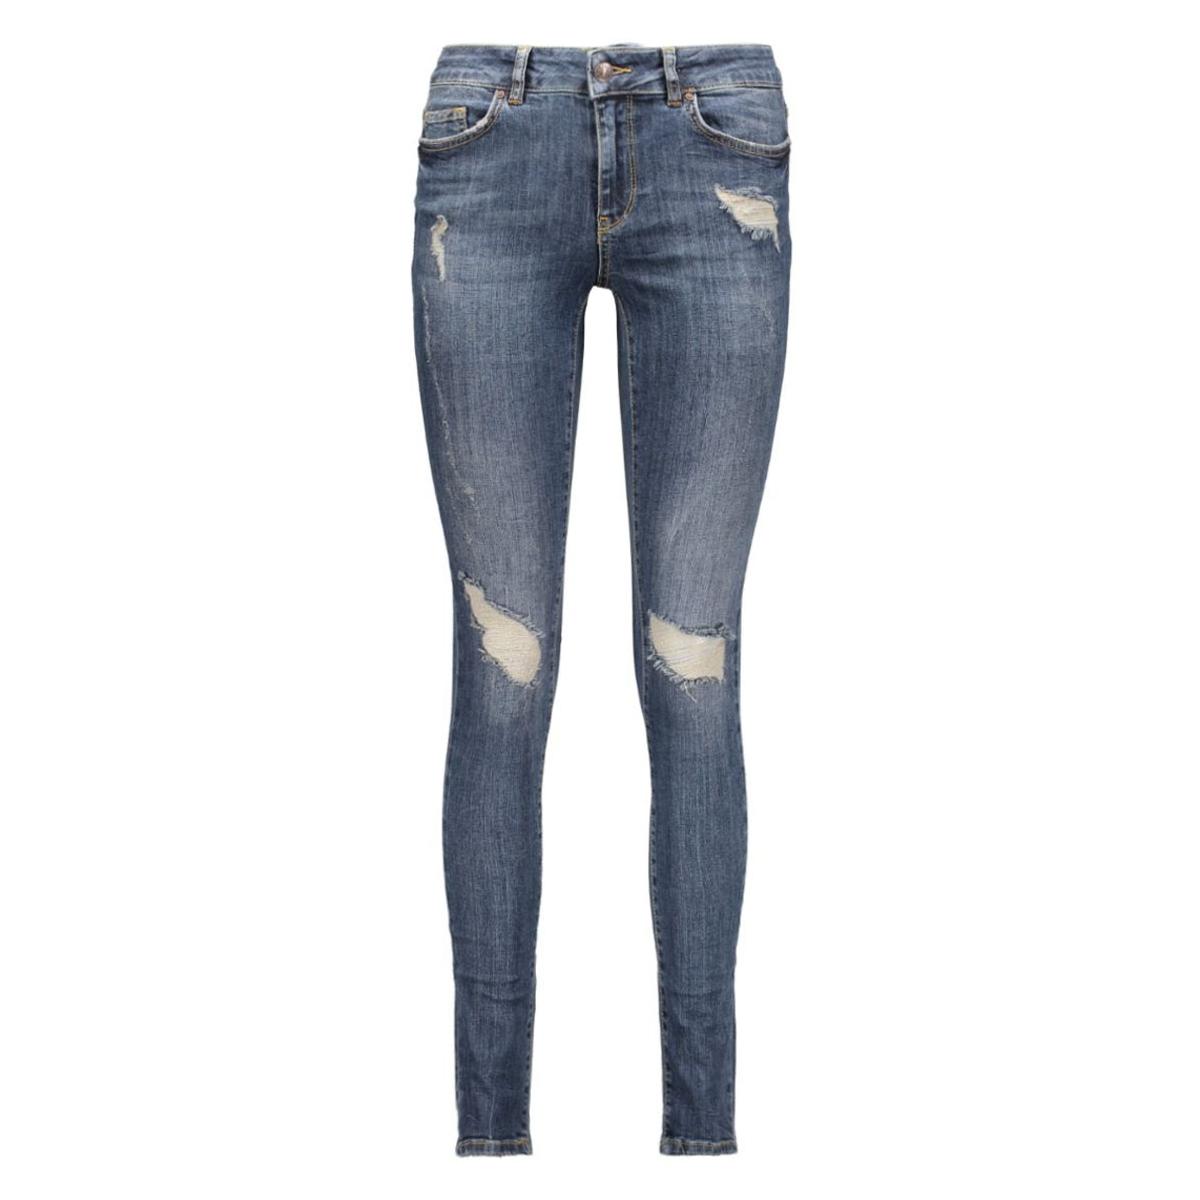 17501 paris 1 un jean jeans w 020 supreme blue destroy